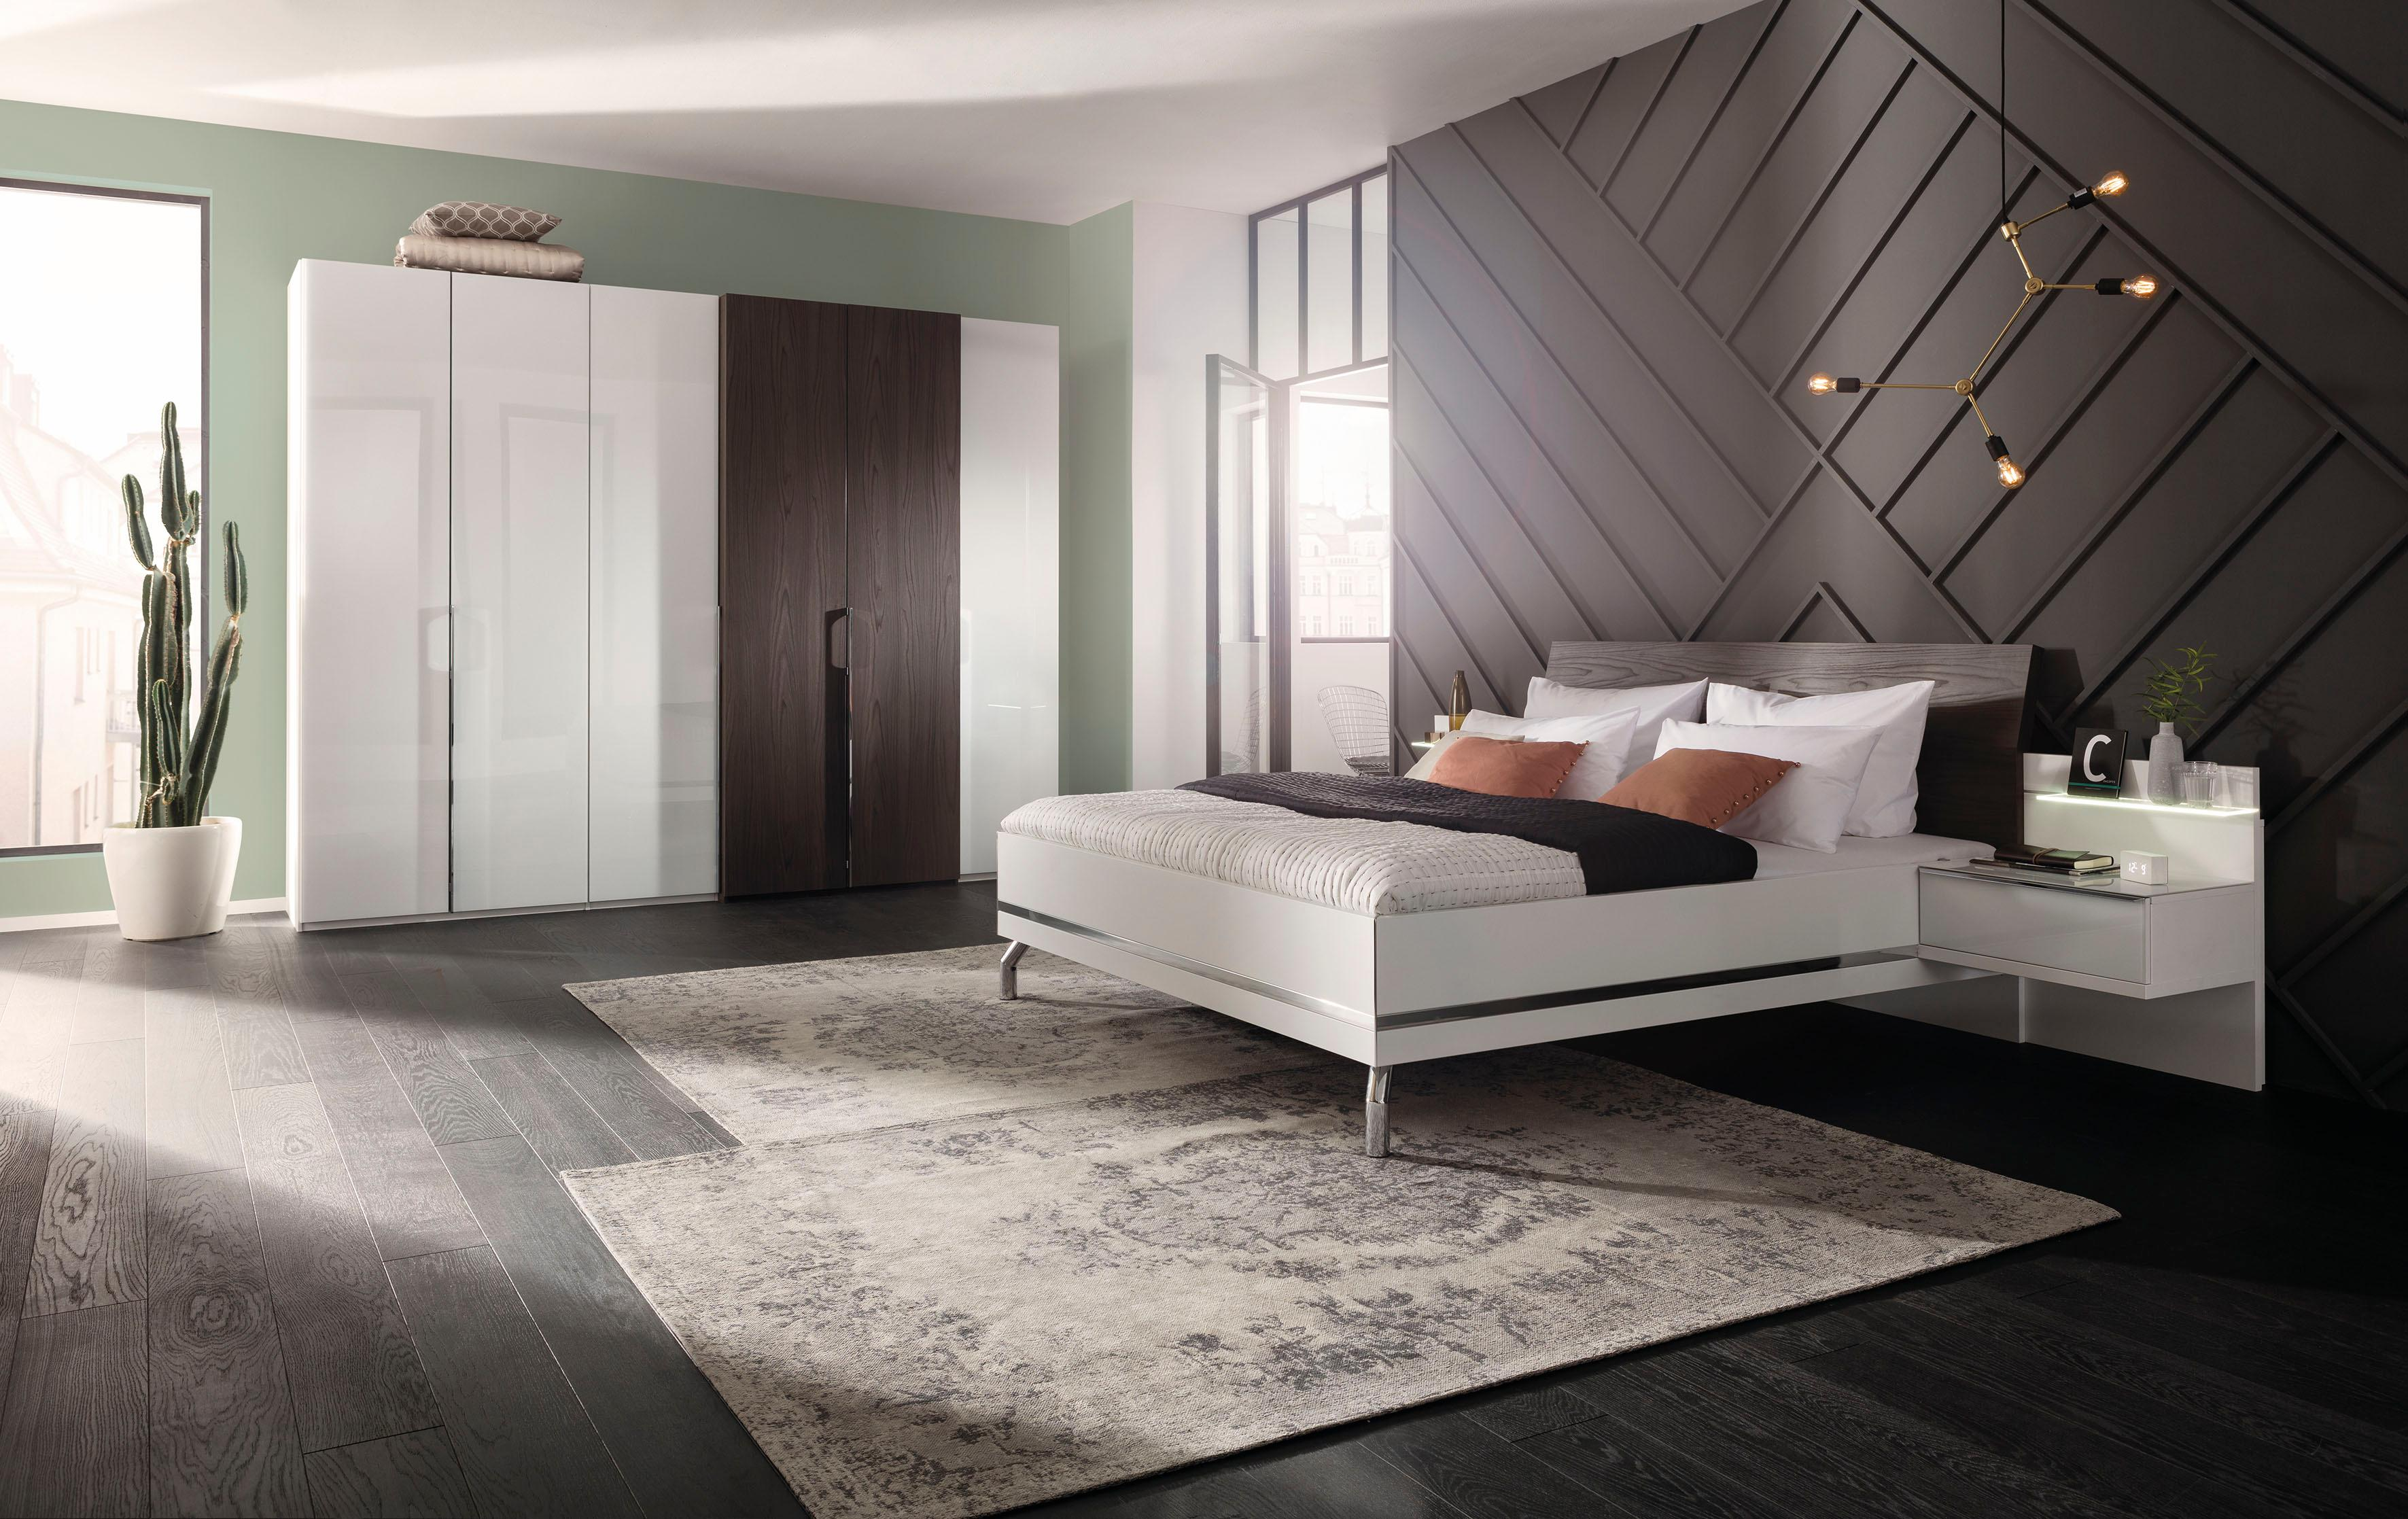 nolte-mobel Komplett-Schlafzimmer online kaufen   Möbel-Suchmaschine ...